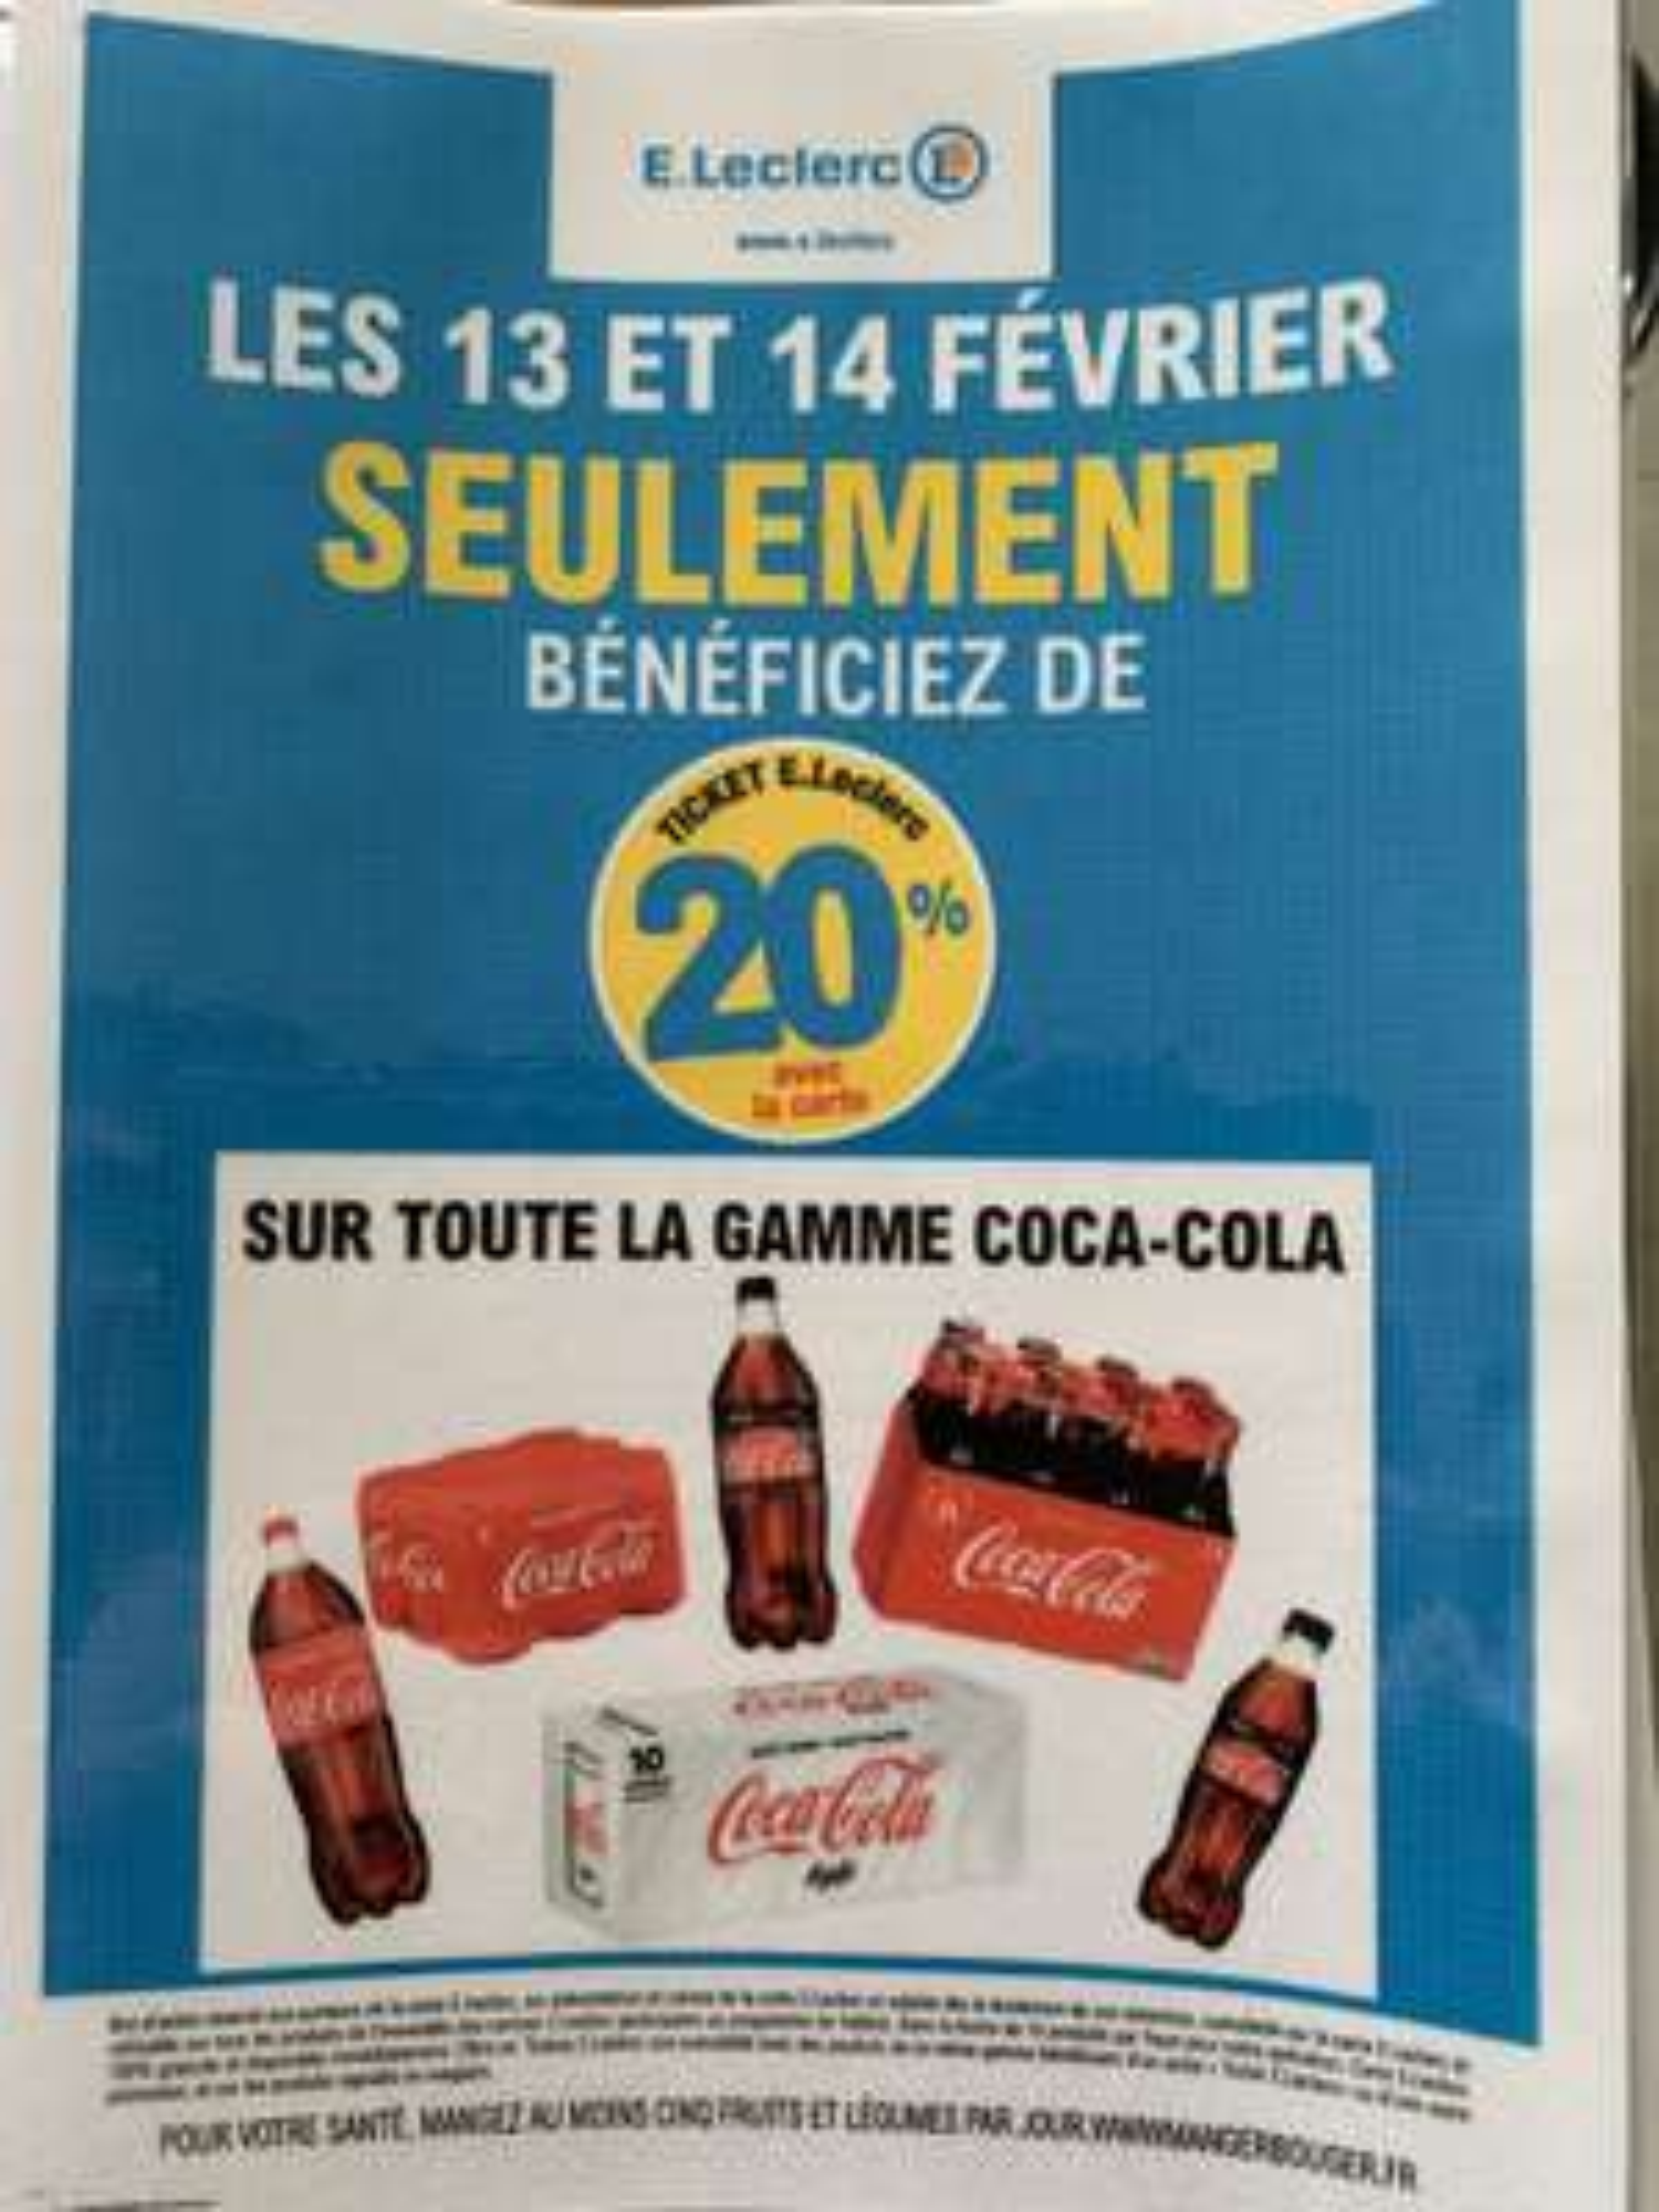 20% en tickets Leclerc offerts pour l'achat d'un produit de la gamme Coca-Cola